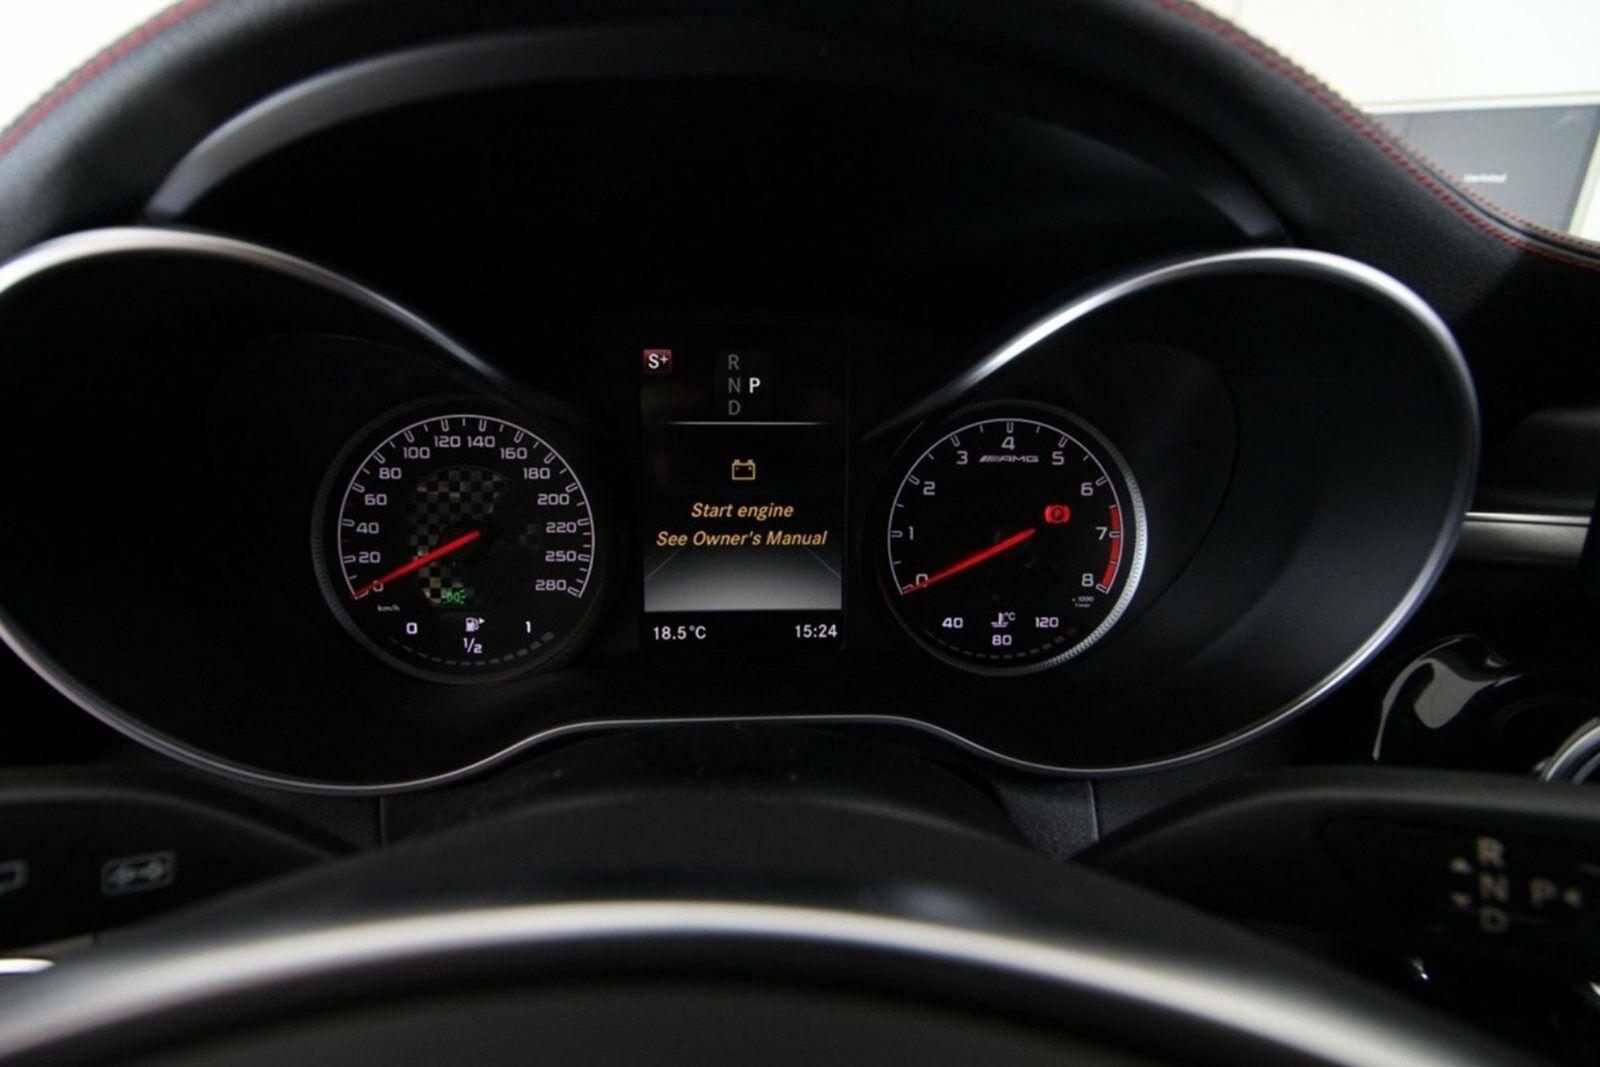 Mercedes C43 AMG stc. aut. 4-M